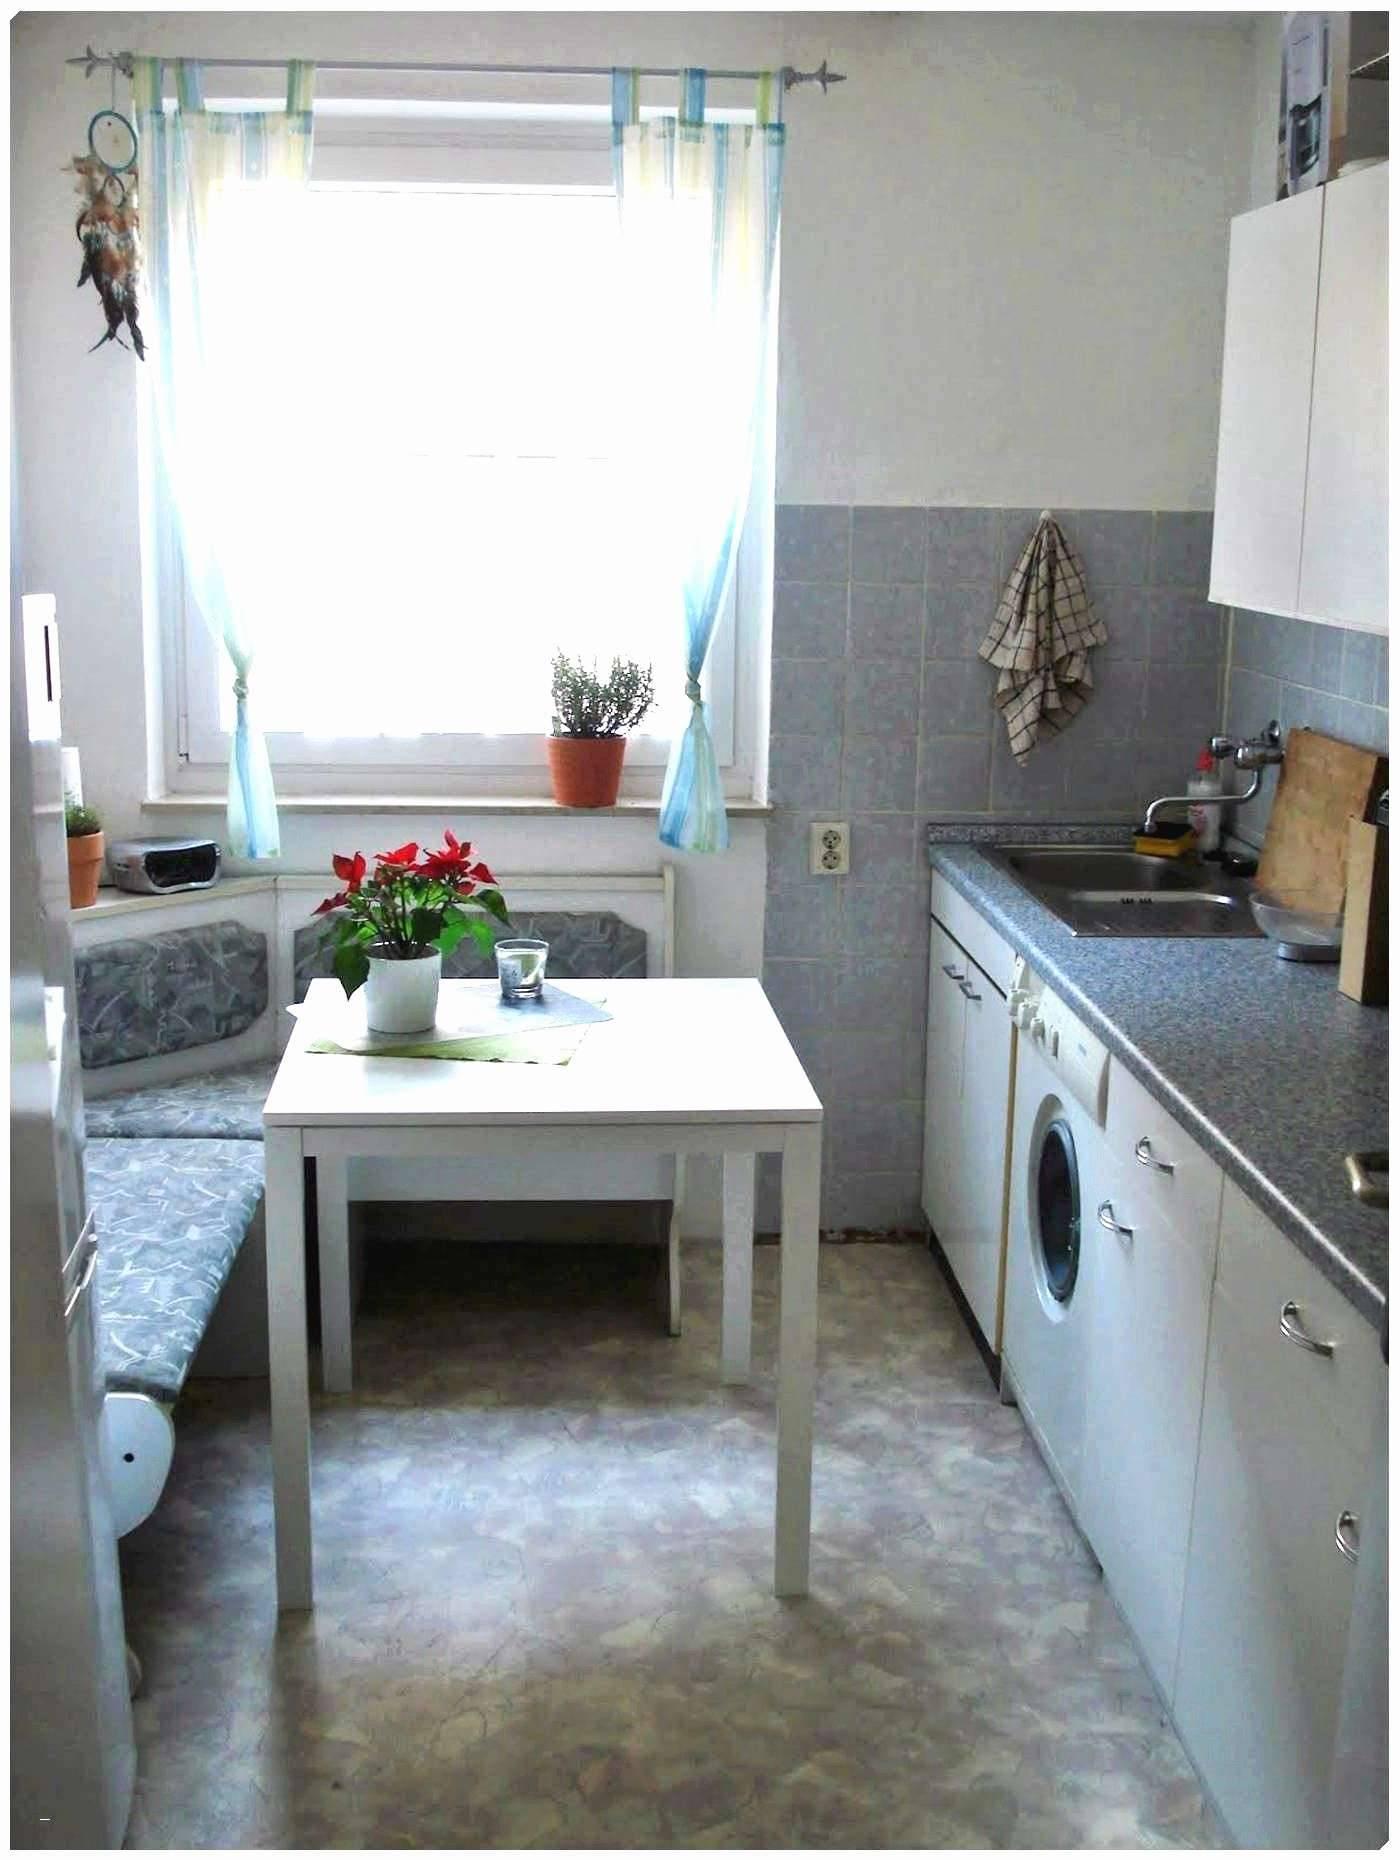 Deko Ideen Aus Holz Selber Machen Genial Elegant Wohnzimmer Deko Home Ideen